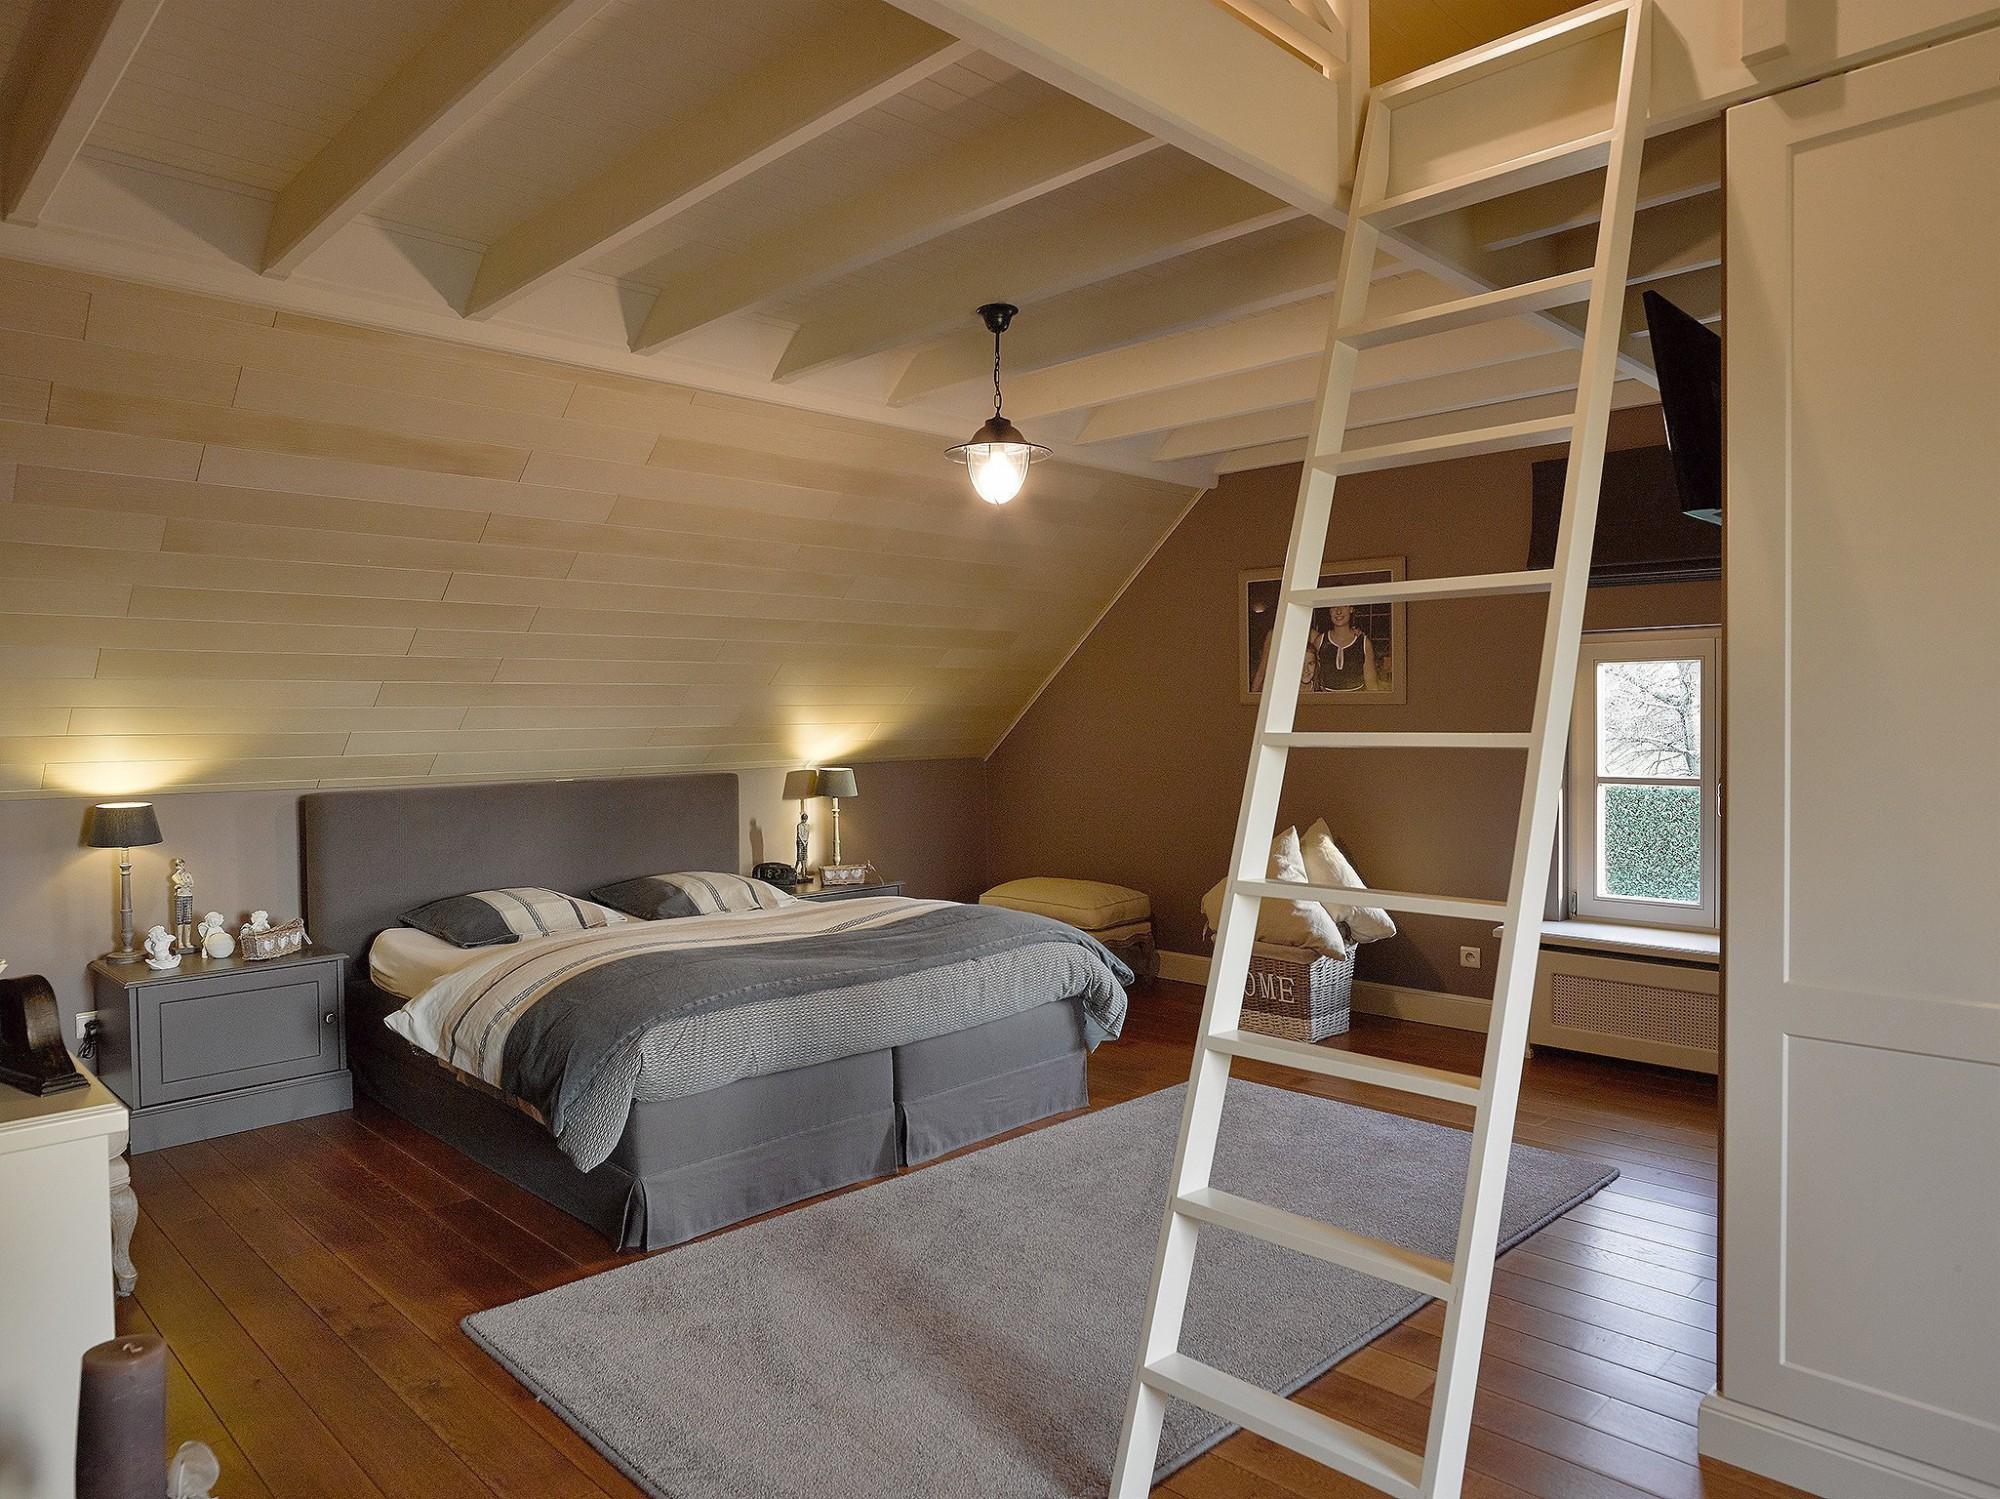 Afbeelding: Fotografie interieur slaapkamer voor Houthandel Marijnissen.